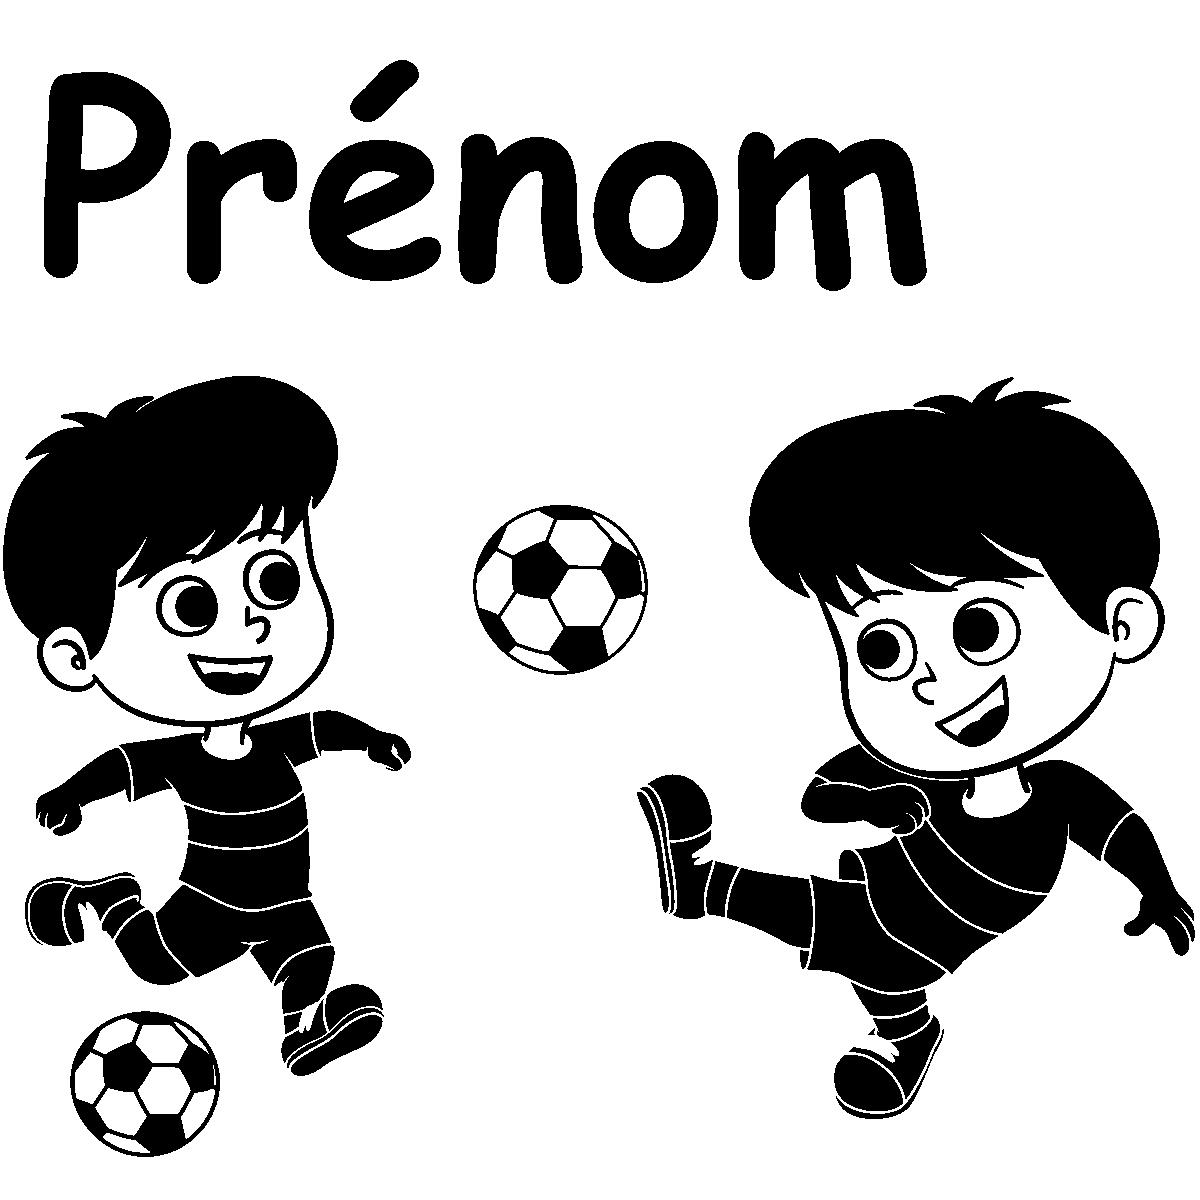 Sticker Prénom Personnalisé Enfants Foot